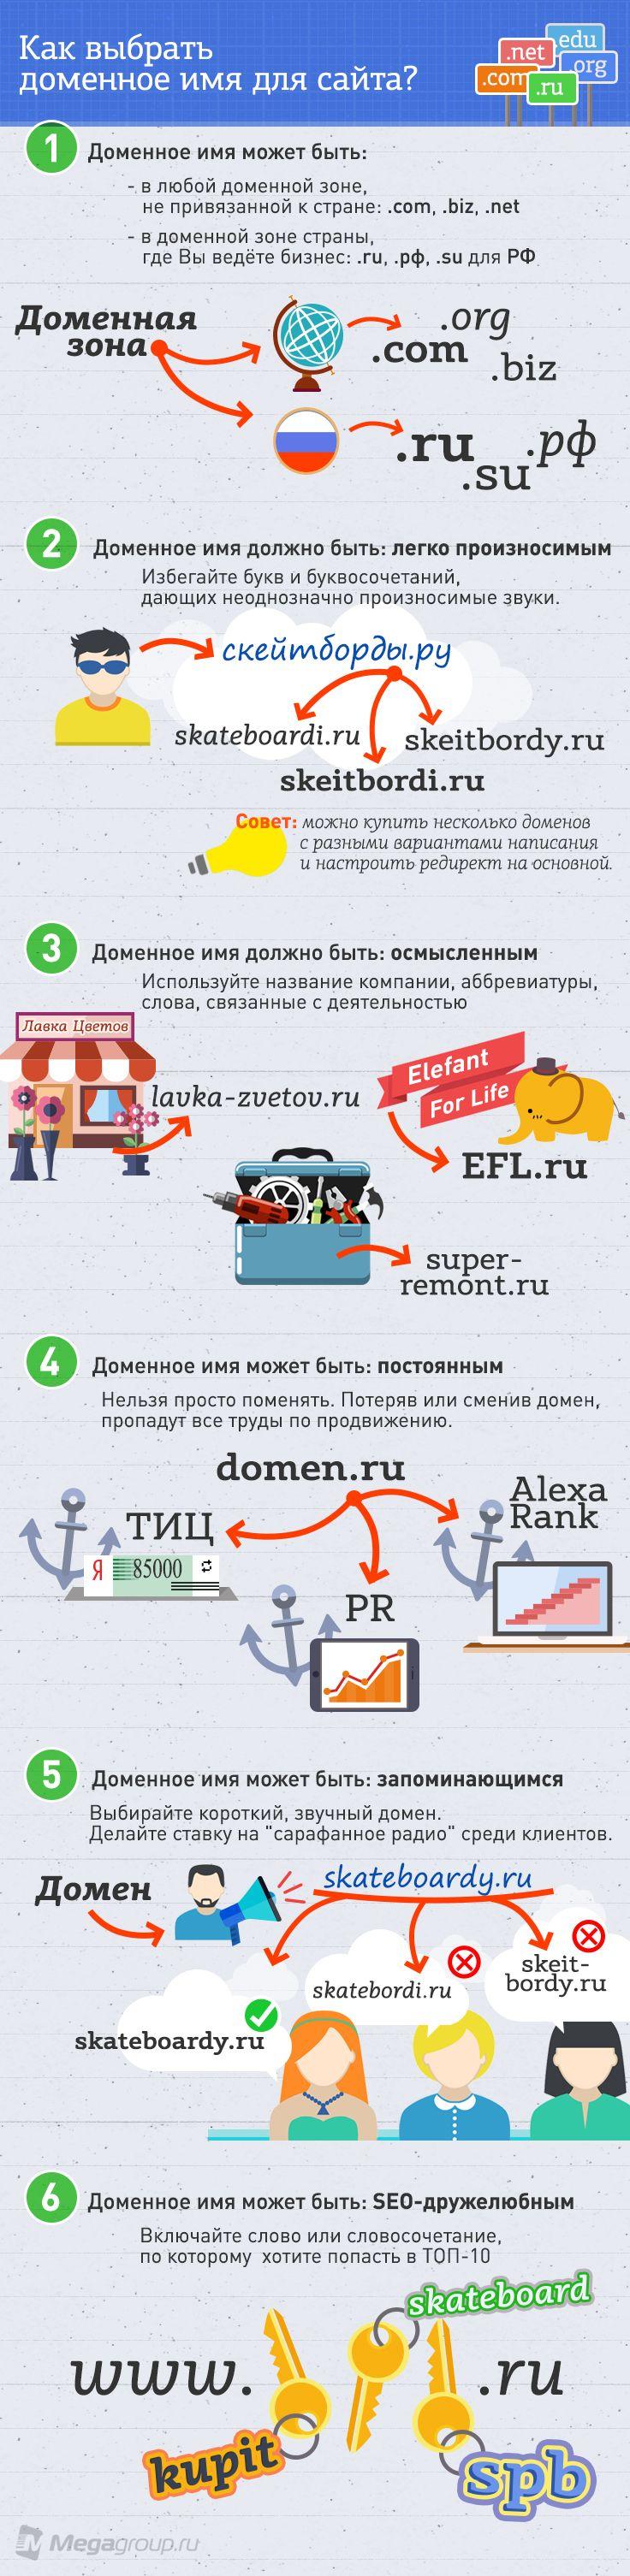 6 основных рекомендаций по выбору доменного имени для сайта, чтобы успешно продвигаться в поисковых системах.